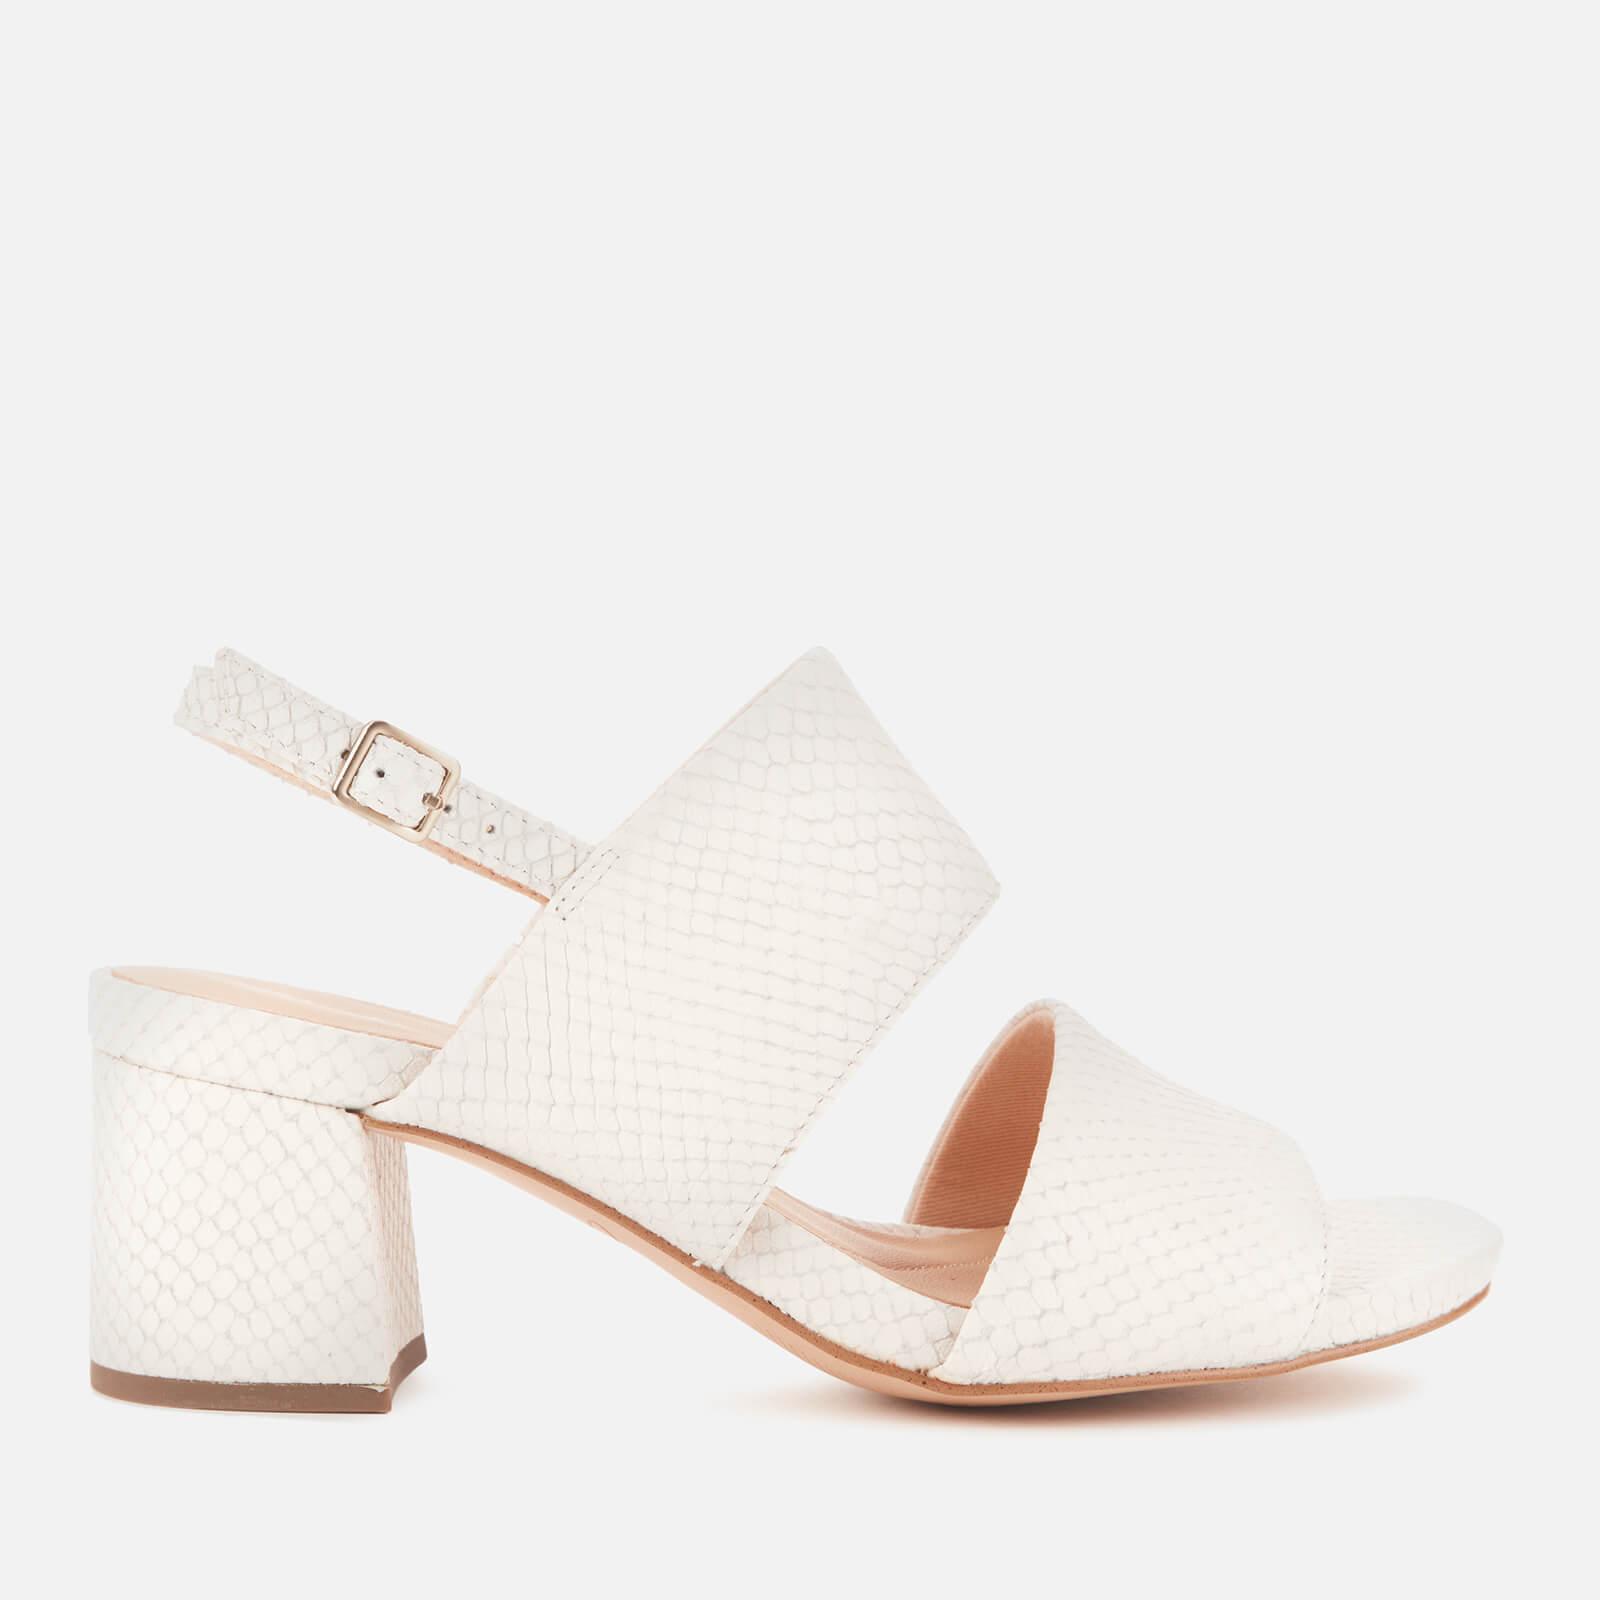 Clarks Women's Sheer55 Sling Block Heeled Sandals - White Snake - UK 3